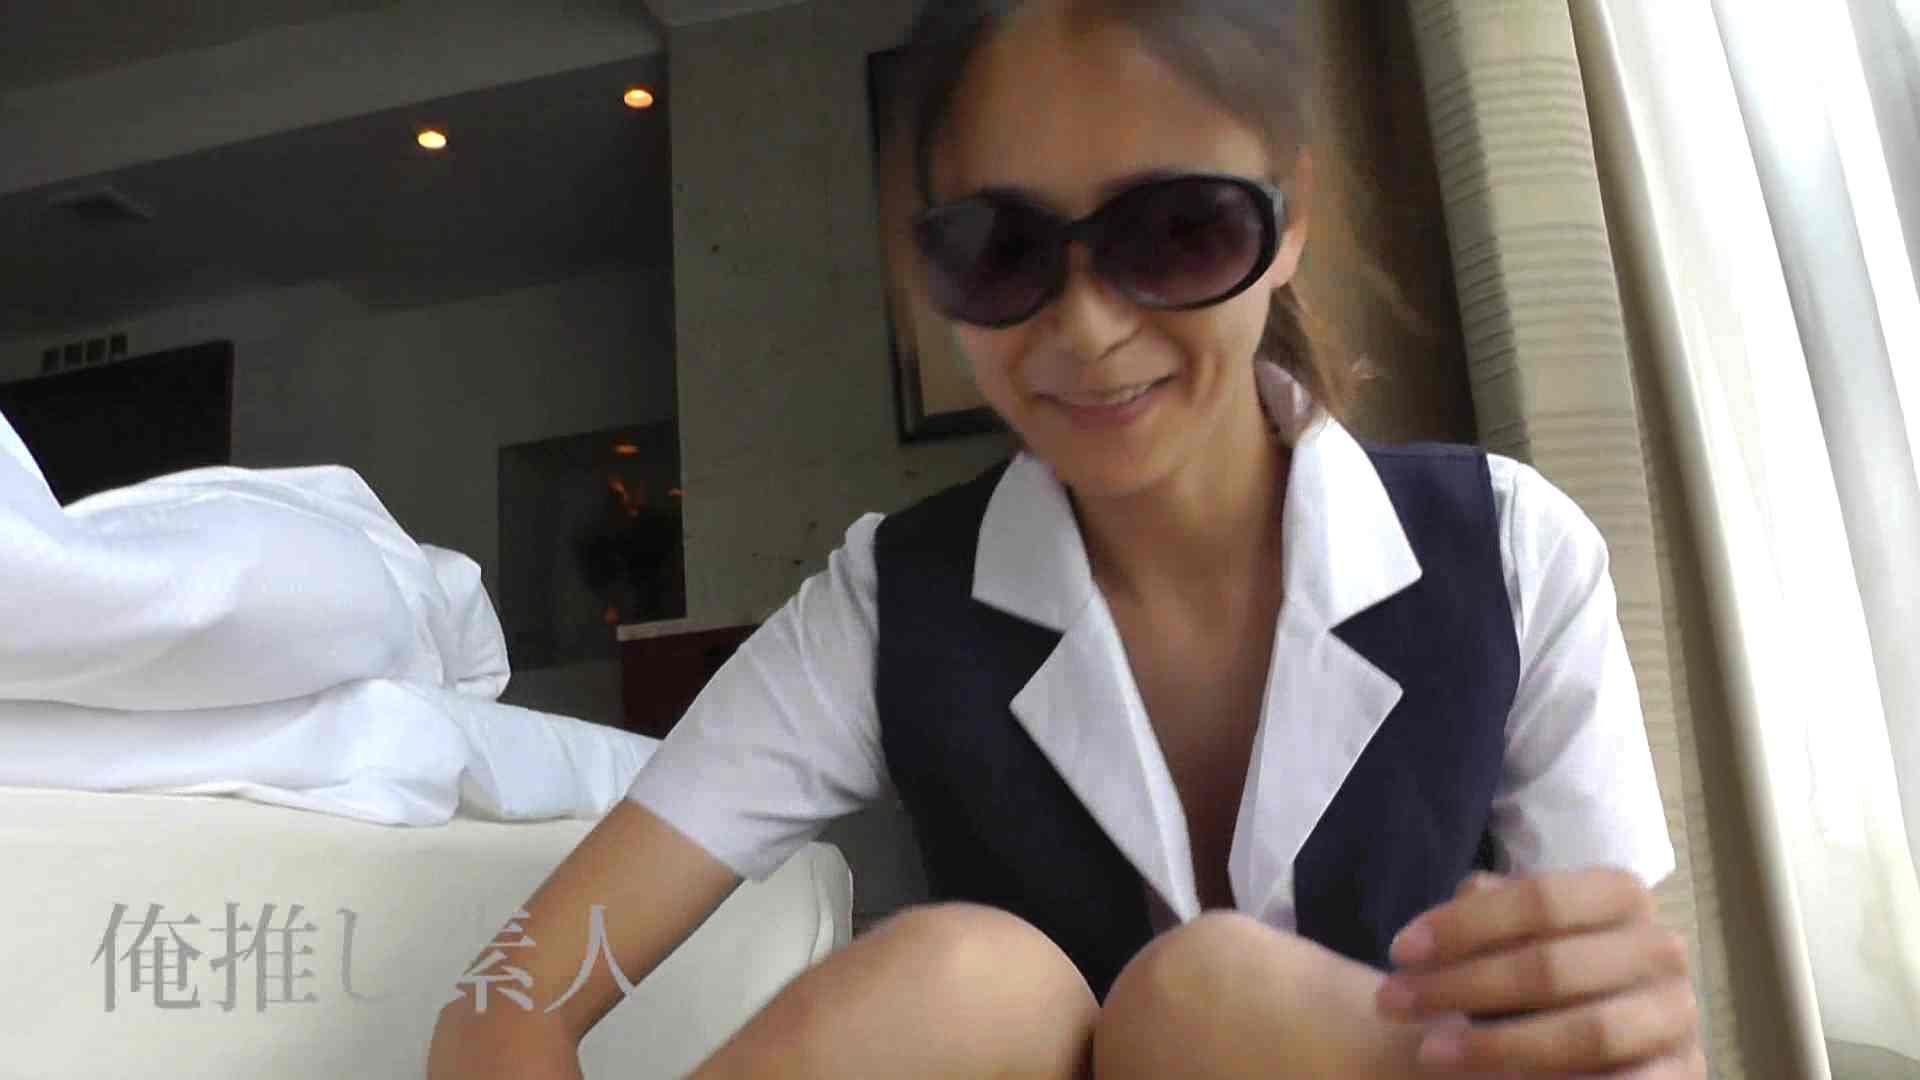 俺推し素人 30代人妻熟女キャバ嬢雫 素人ギャル女 セックス無修正動画無料 86連発 44